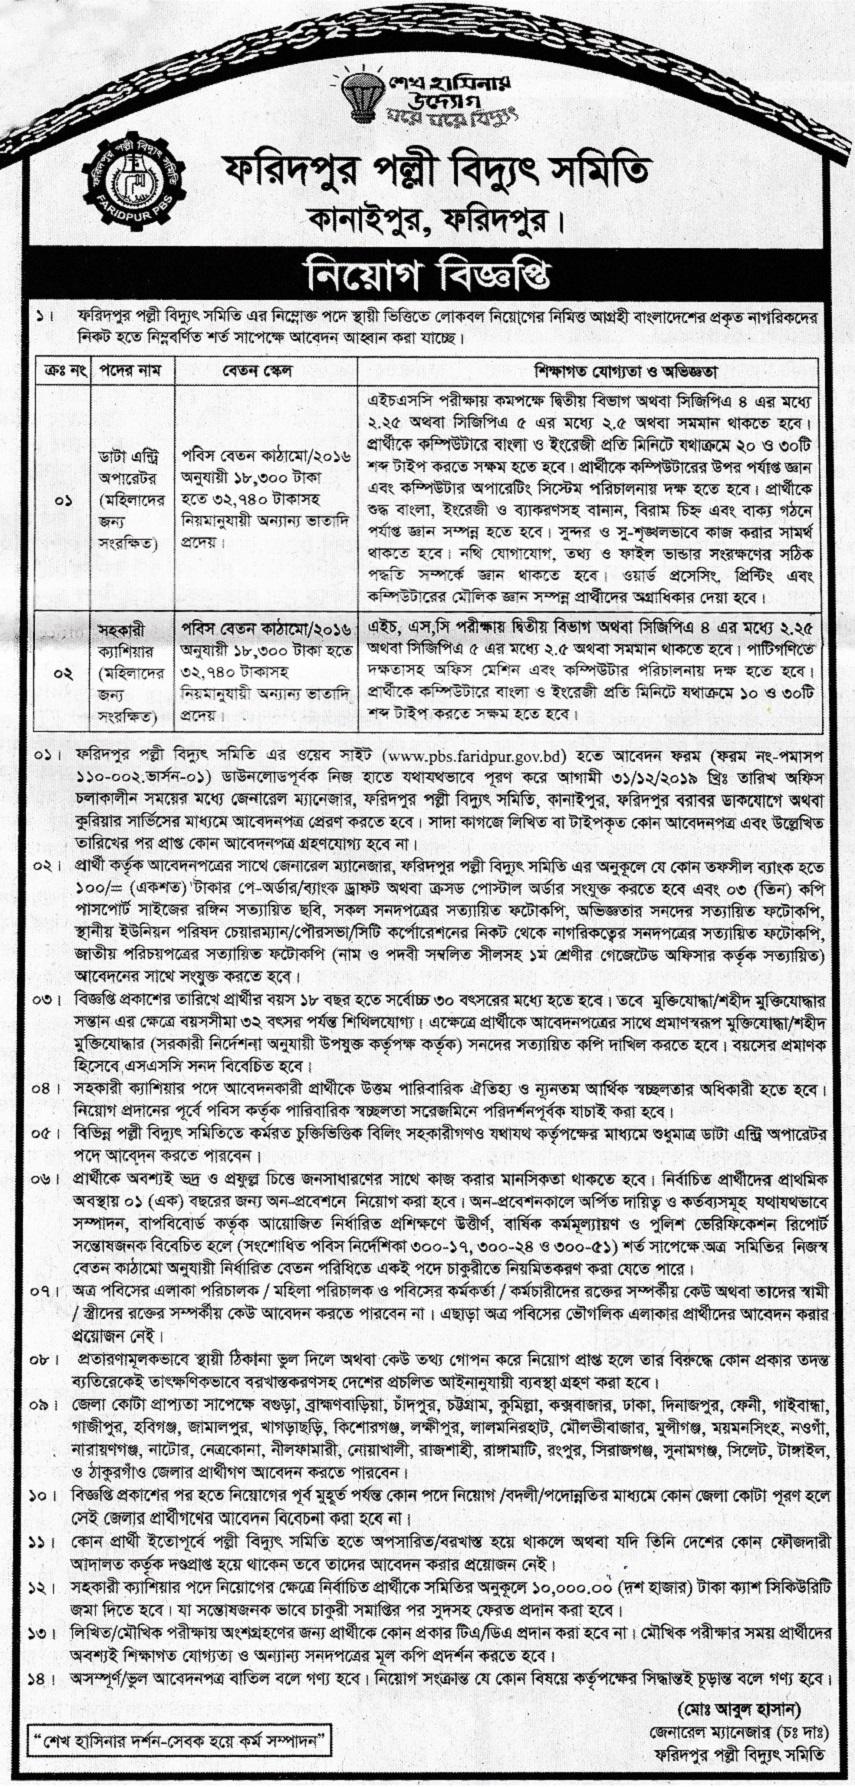 Faridpur Palli Bidyut Samity 2019